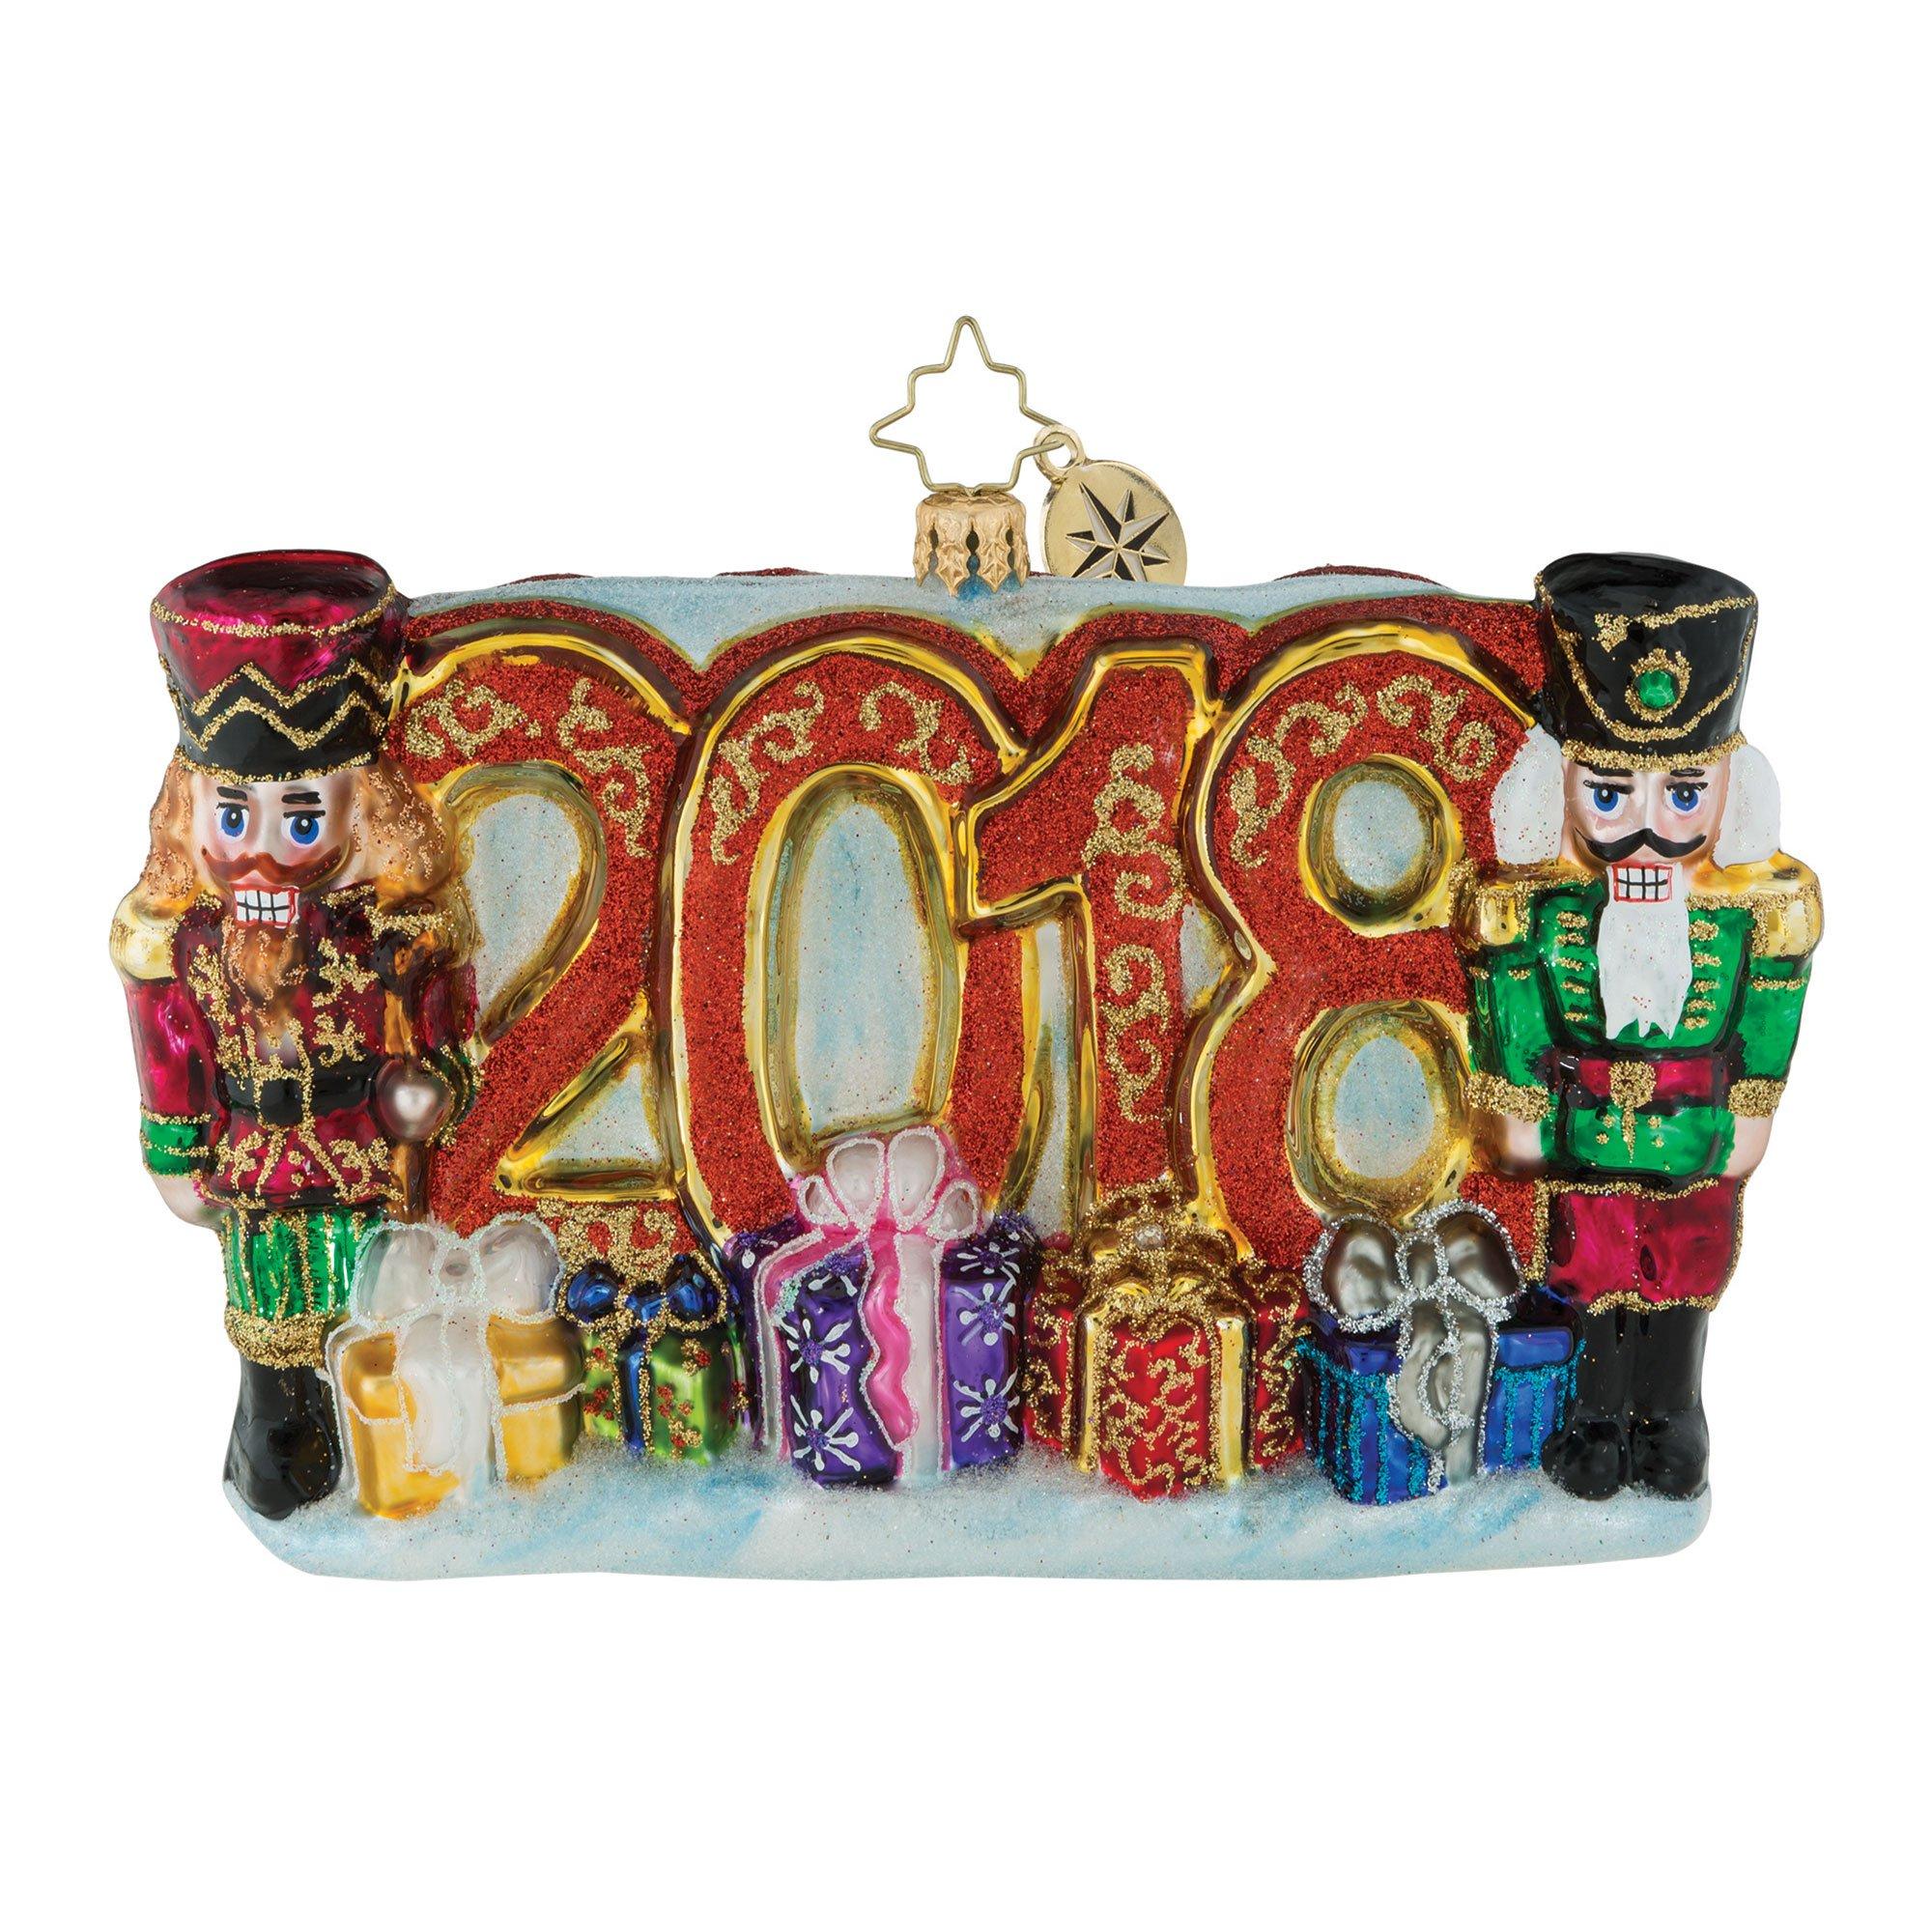 Christopher Radko 2018 A Very Nutty Year Nutcracker Themed Glass Ornament